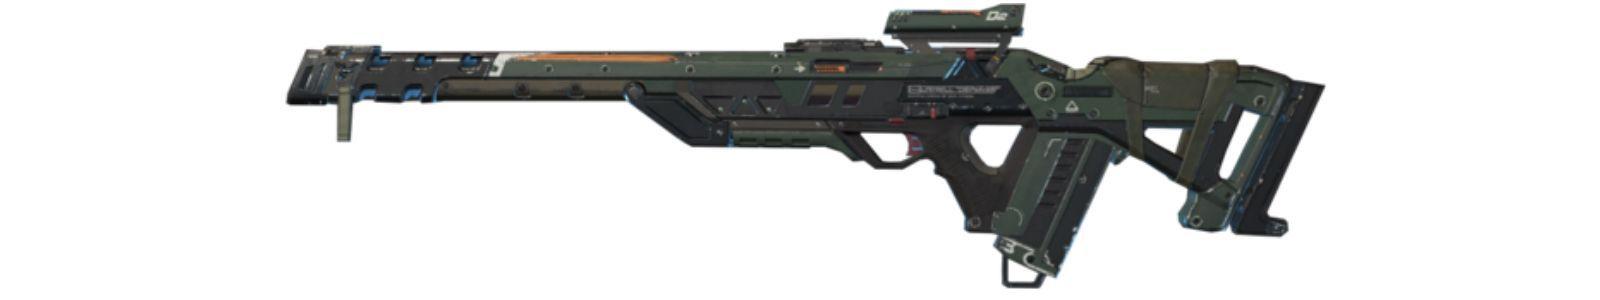 Portada Apex Legends Temporada 8 Tier List Armas